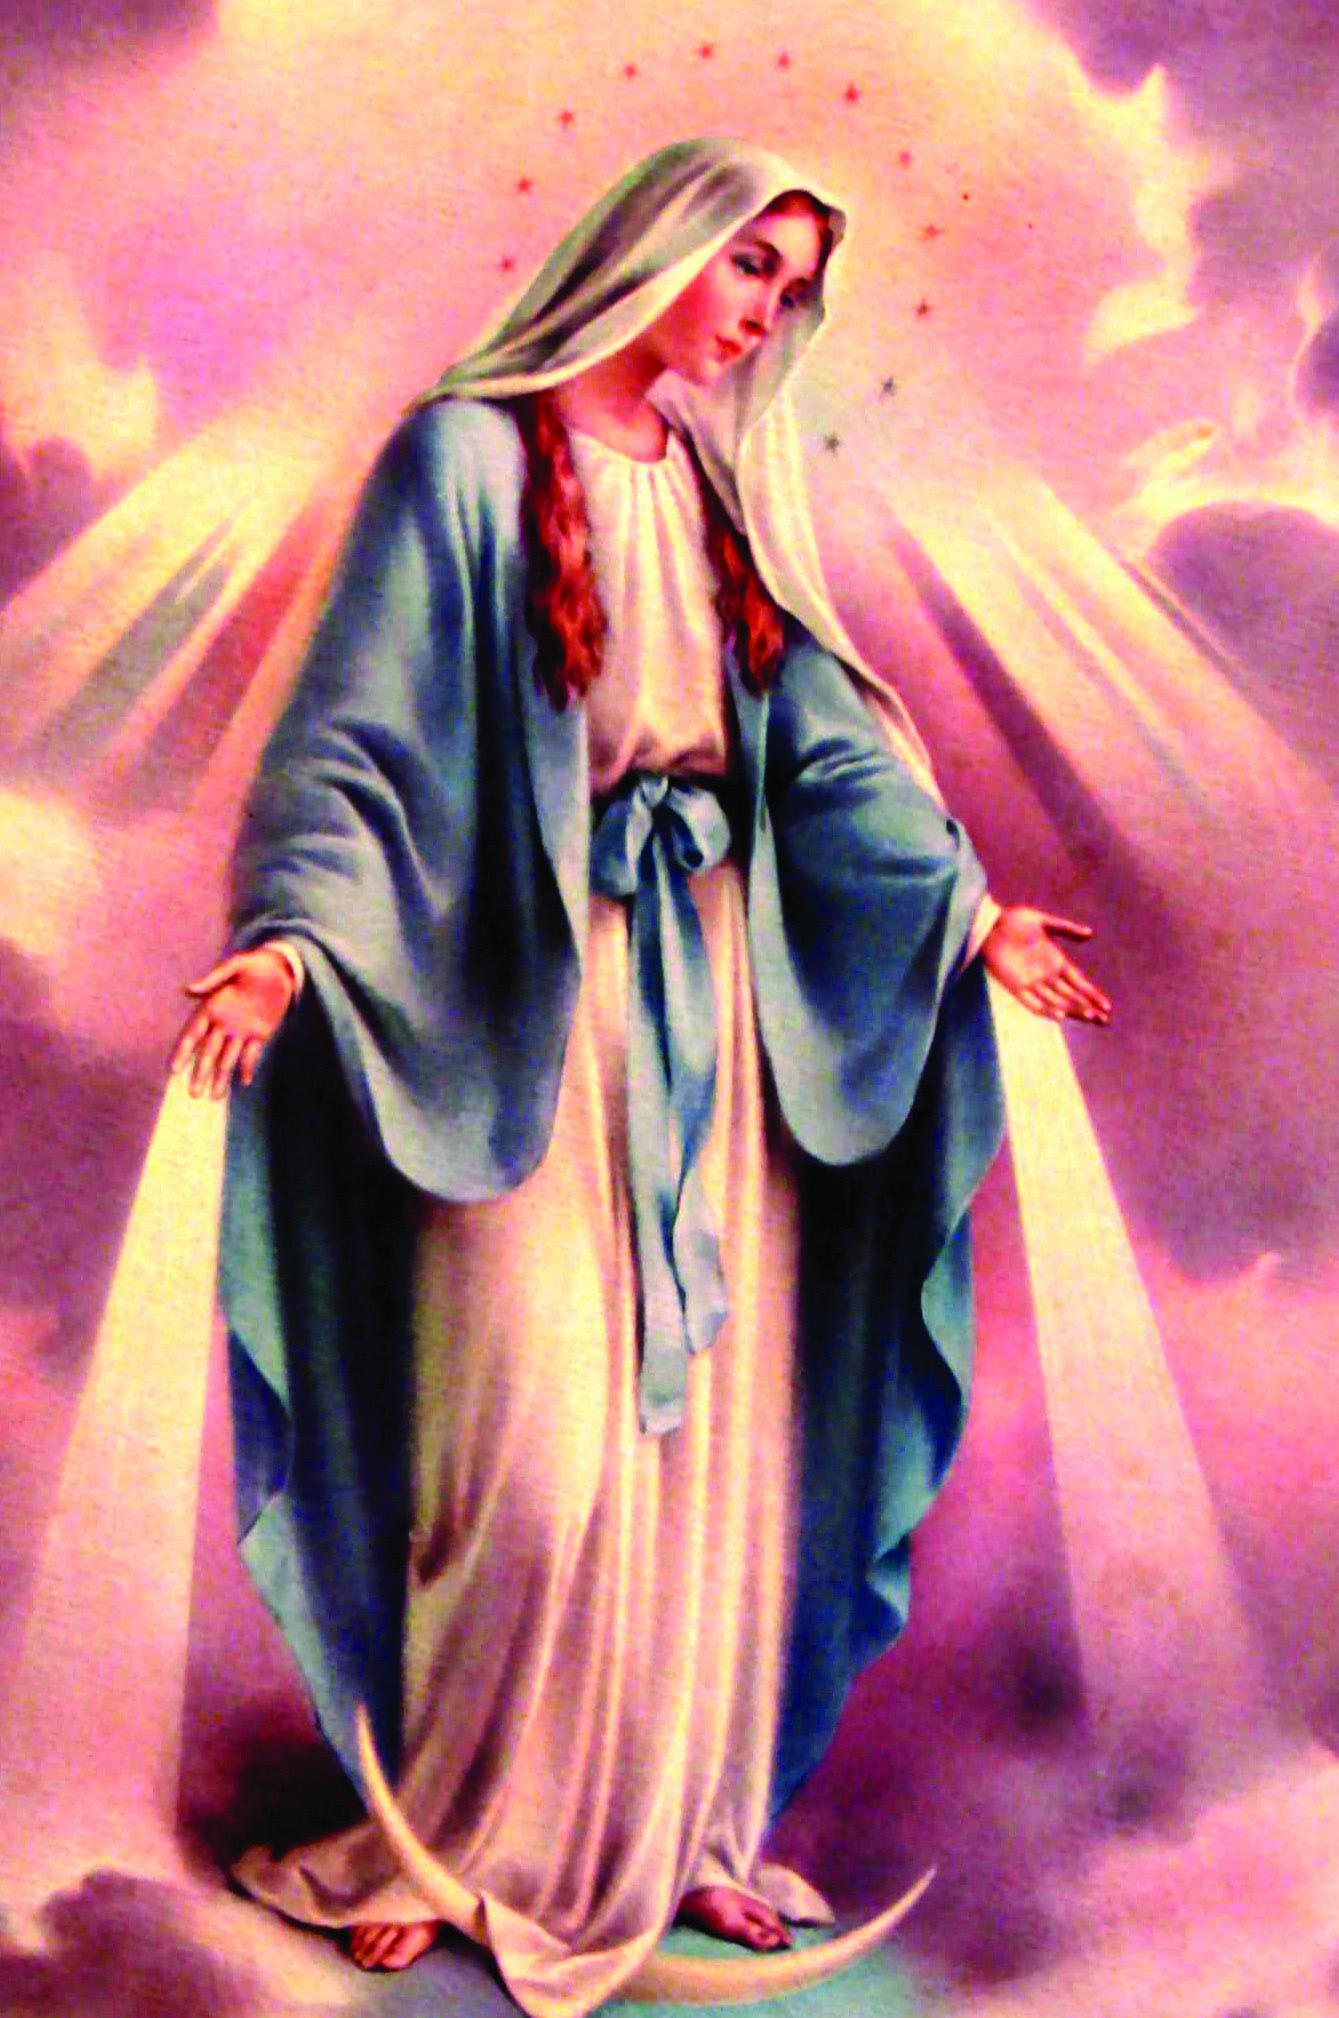 """40 - Şüphesiz biz bütün yeryüzüne ve üzerindekilere varis olacağız. Ve onlar da mutlaka bize döndürüleceklerdir. {*} İşte budur, ta beşikten tekrar dirilmesine kadar öyle doğan ve o sözleri söyleyen bir kuldur. {*} Hakk (olan Allah)ın bildirdiğine göre Meryem'in oğlu İsa {*} ki hakkında tartışıp duruyorlar. Görülüyor ki sûrenin başından beri ve buradan da sonuna kadar âyetler, hep elif fâsılasıyla biterken, sûrenin bu bölümünde yalnız yedi âyet """"Nûn ve Mim"""" fâsılasıyla işlenmiş bir çerçeve…"""